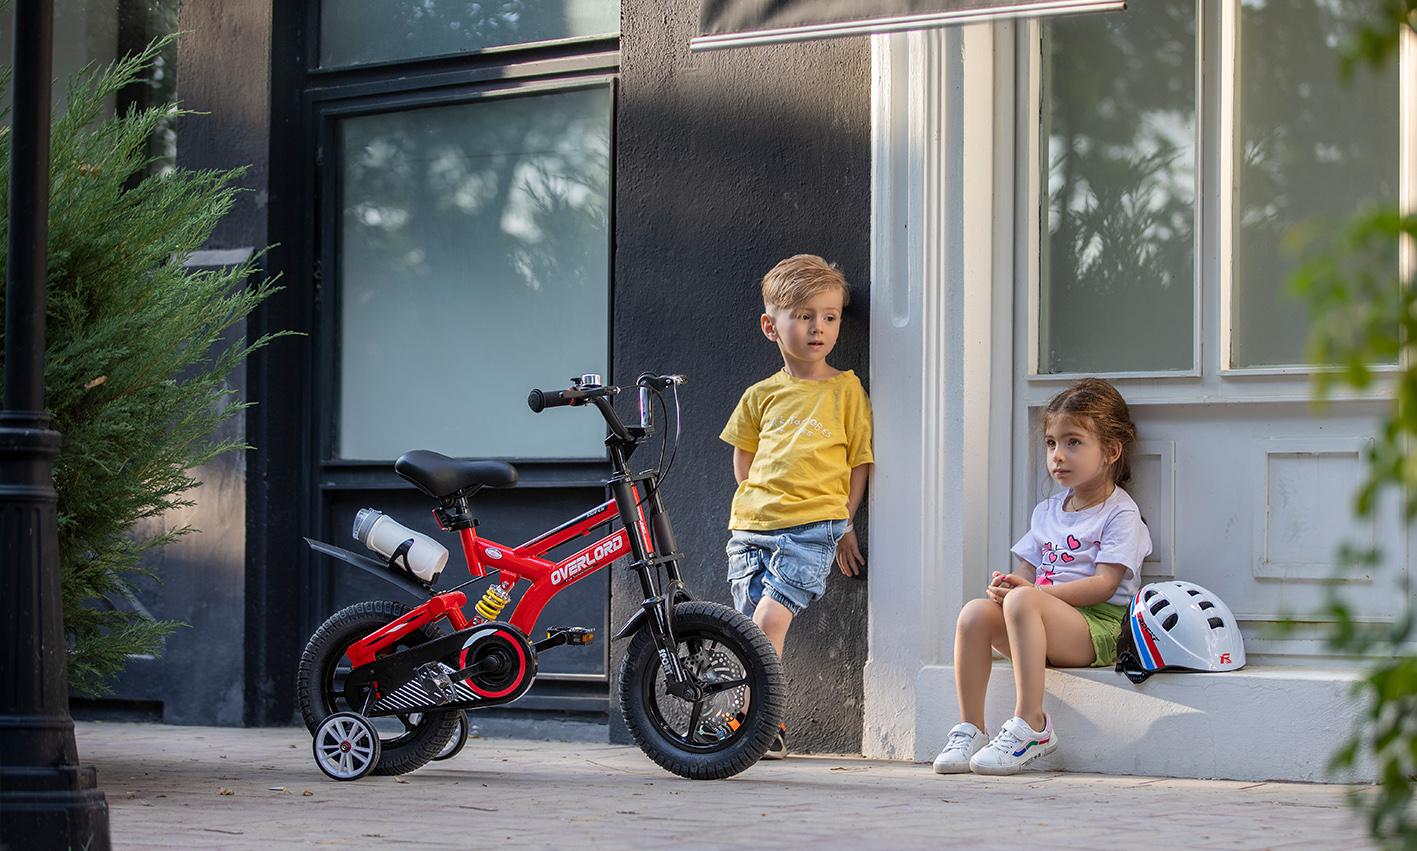 کودکان در کنار دوچرخه